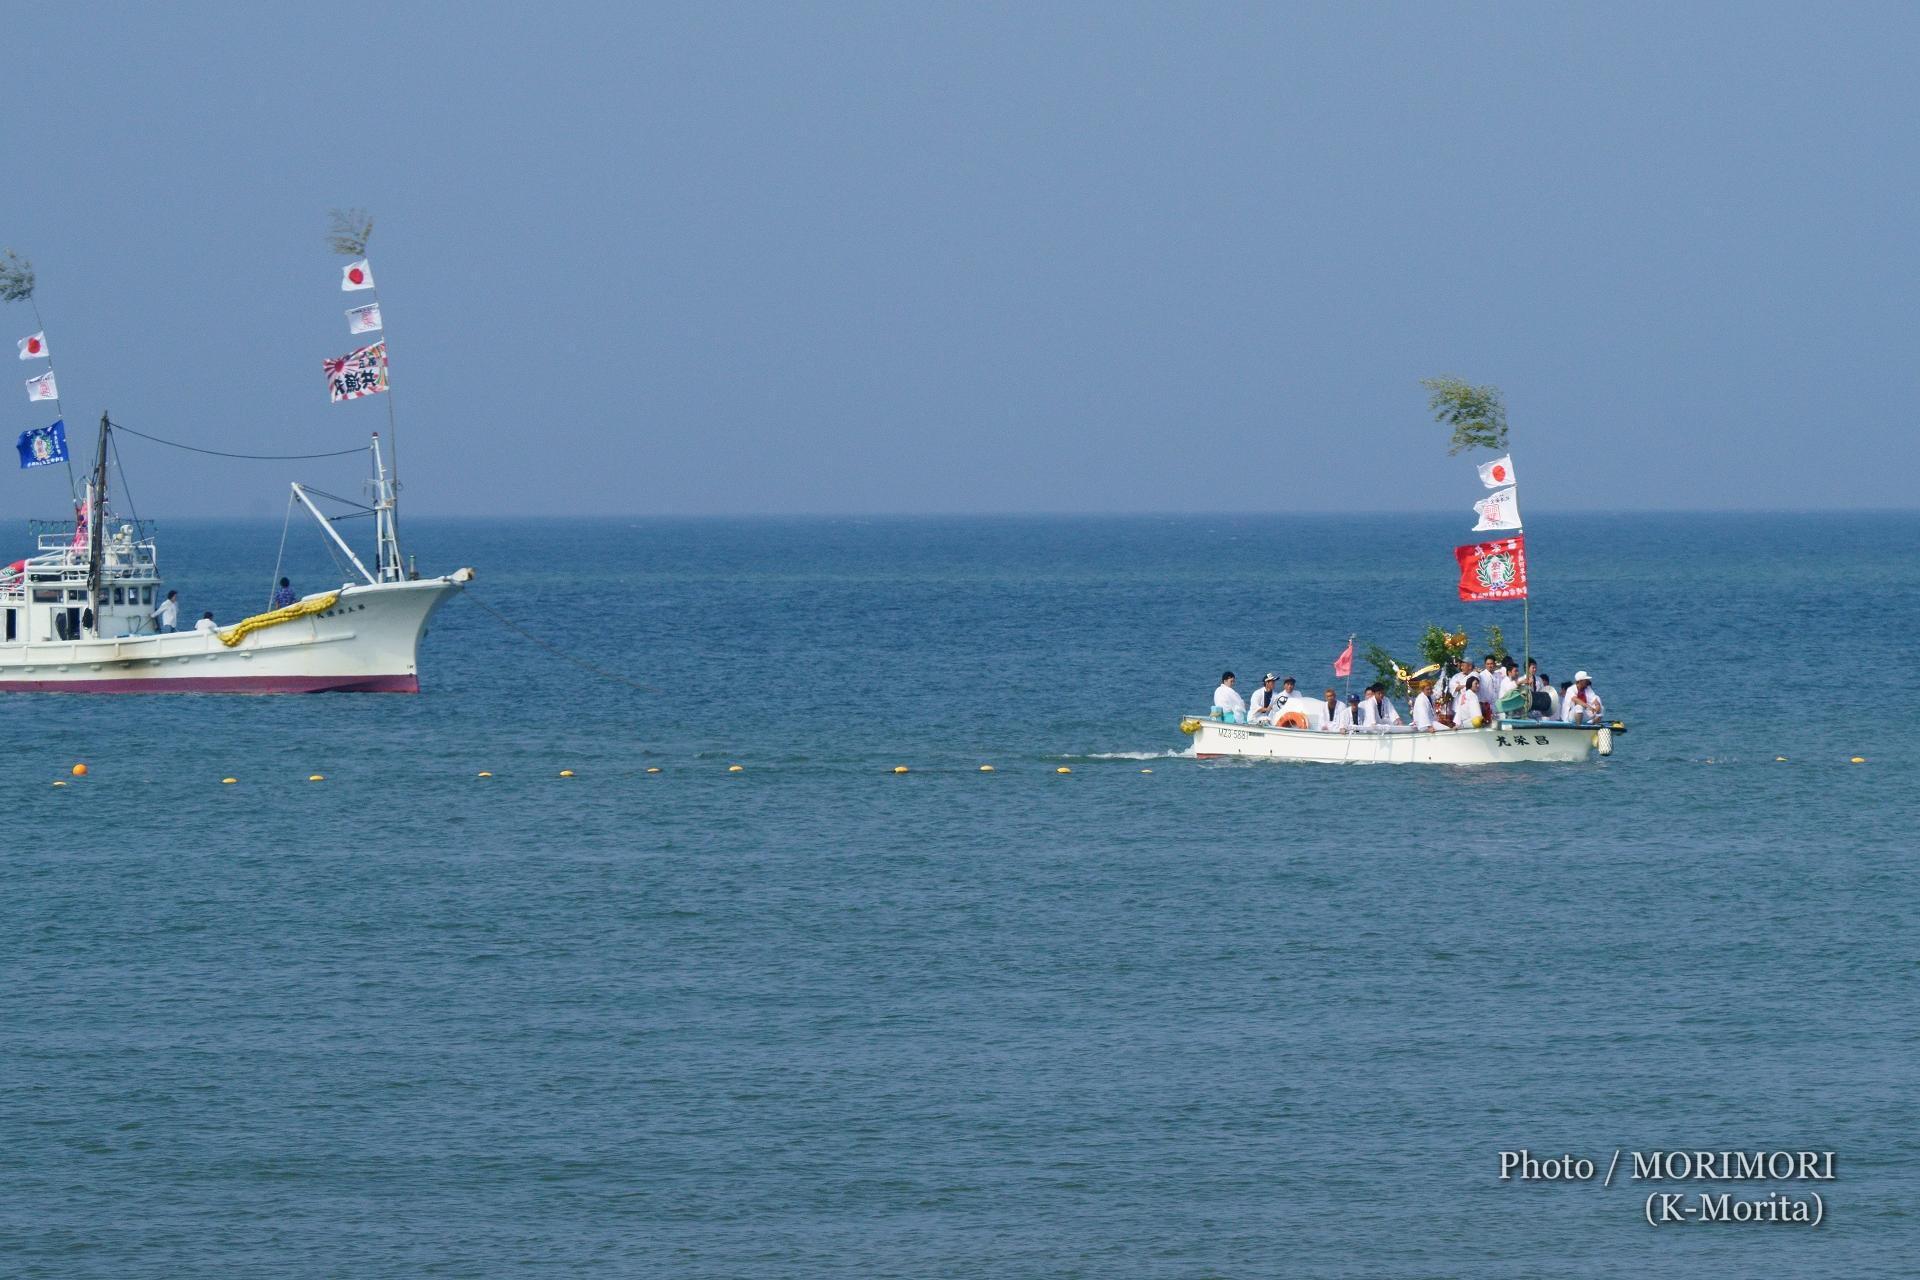 令和元年 2019年度 海を渡る祭礼 02